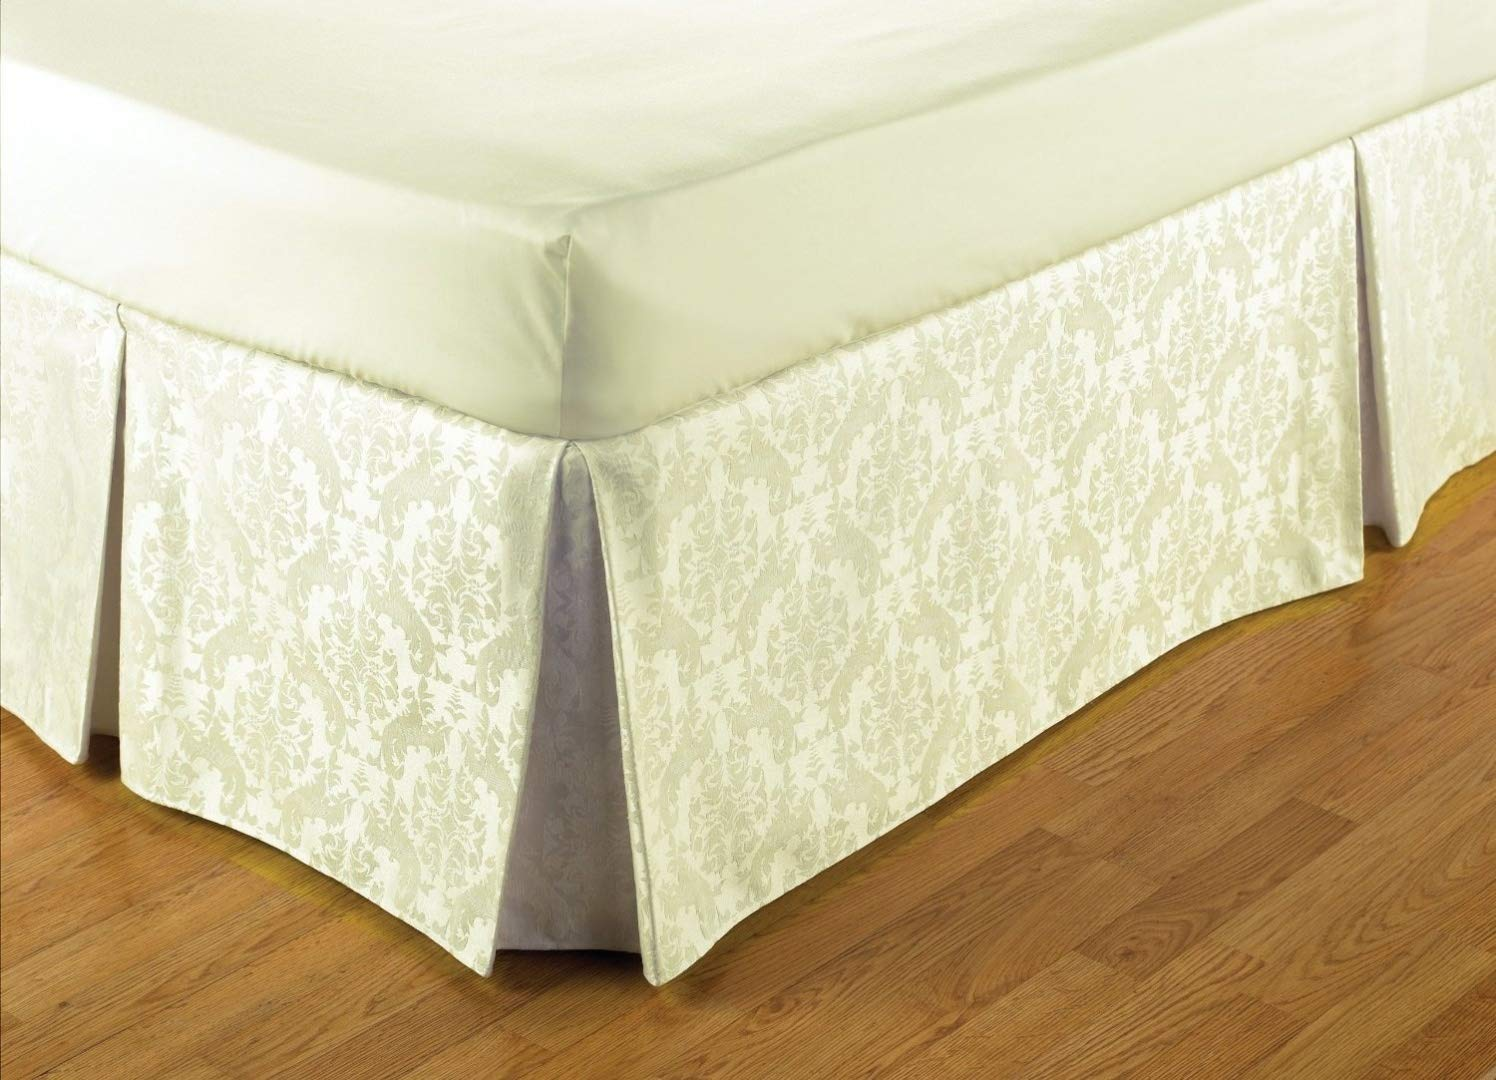 Mantovana easy fit stile damascato, color crema, per letti misura king Belledorm